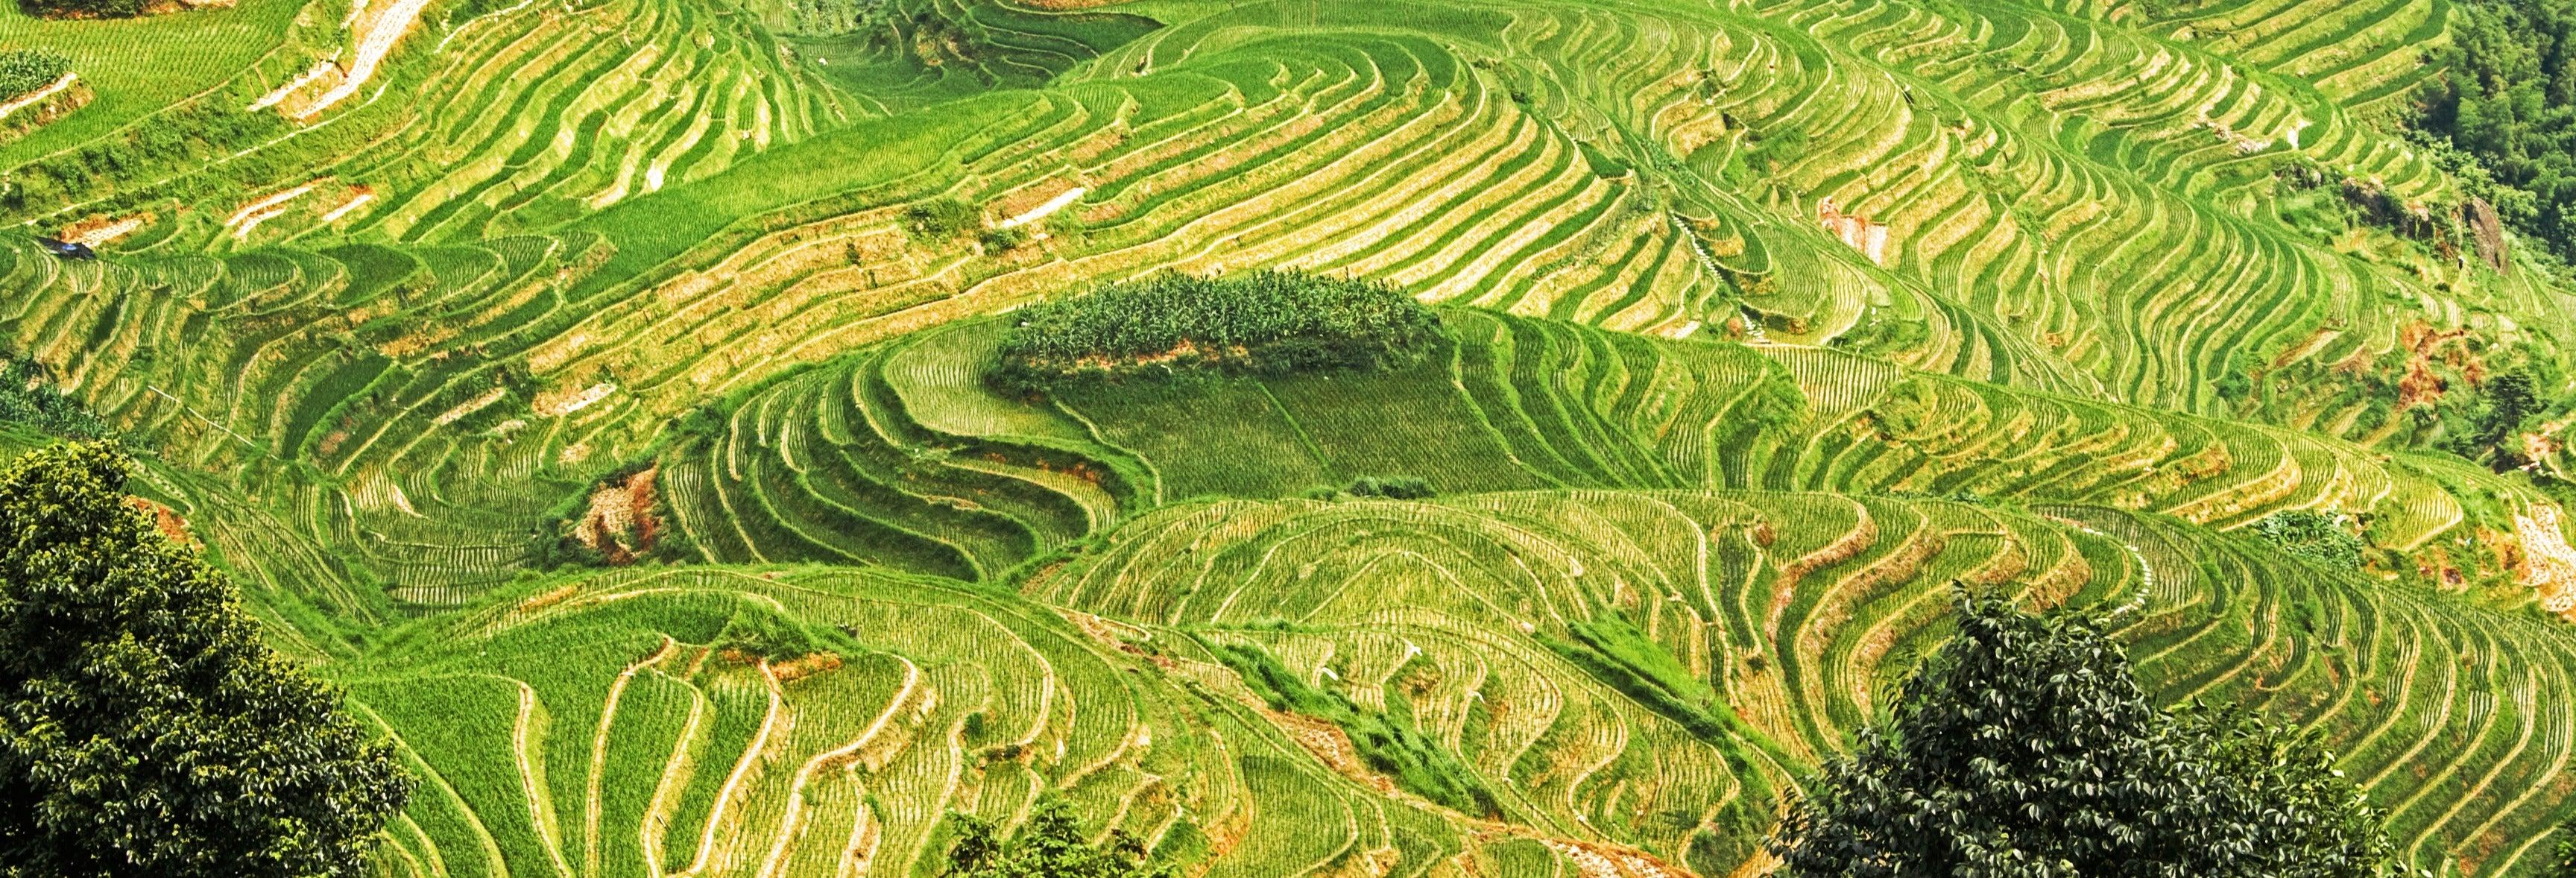 Longsheng Rice Terraces & Villages